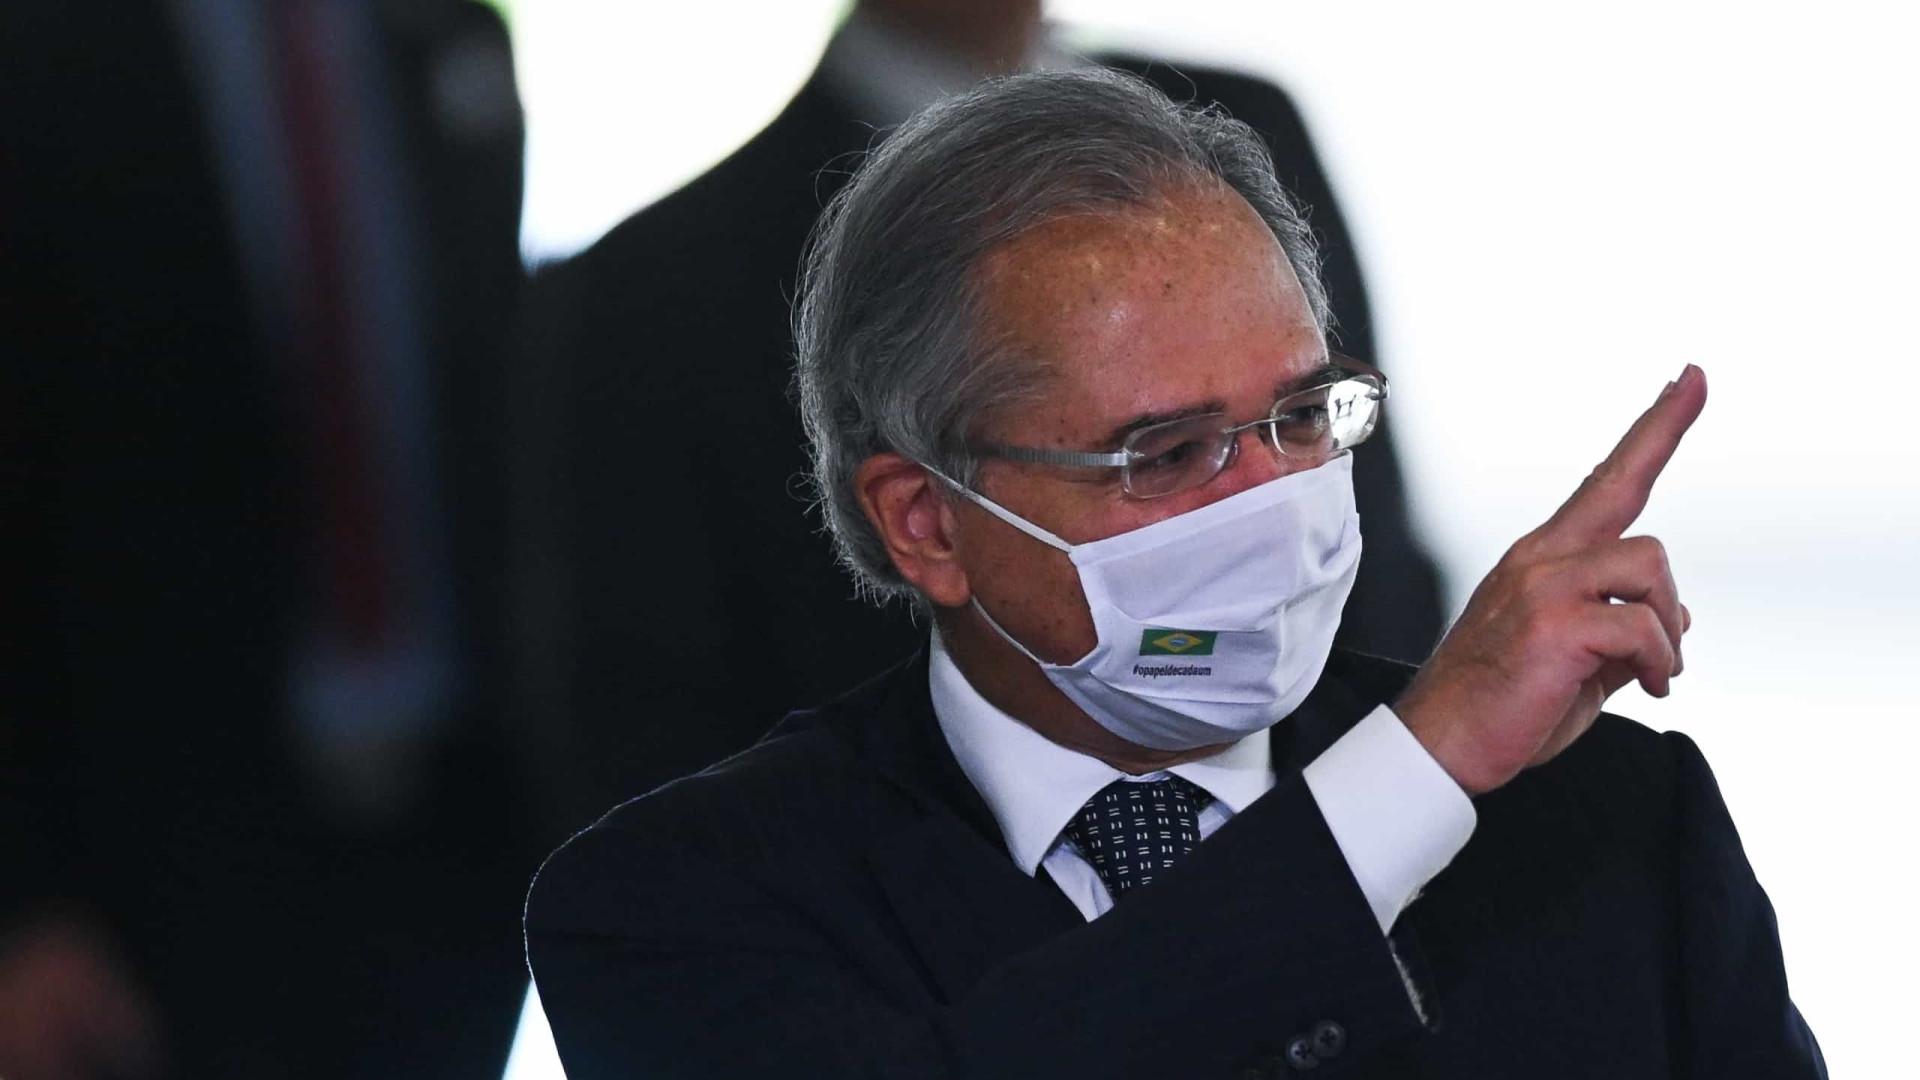 Se trocasse ministro, seria por alguém diferente de Guedes, diz Bolsonaro